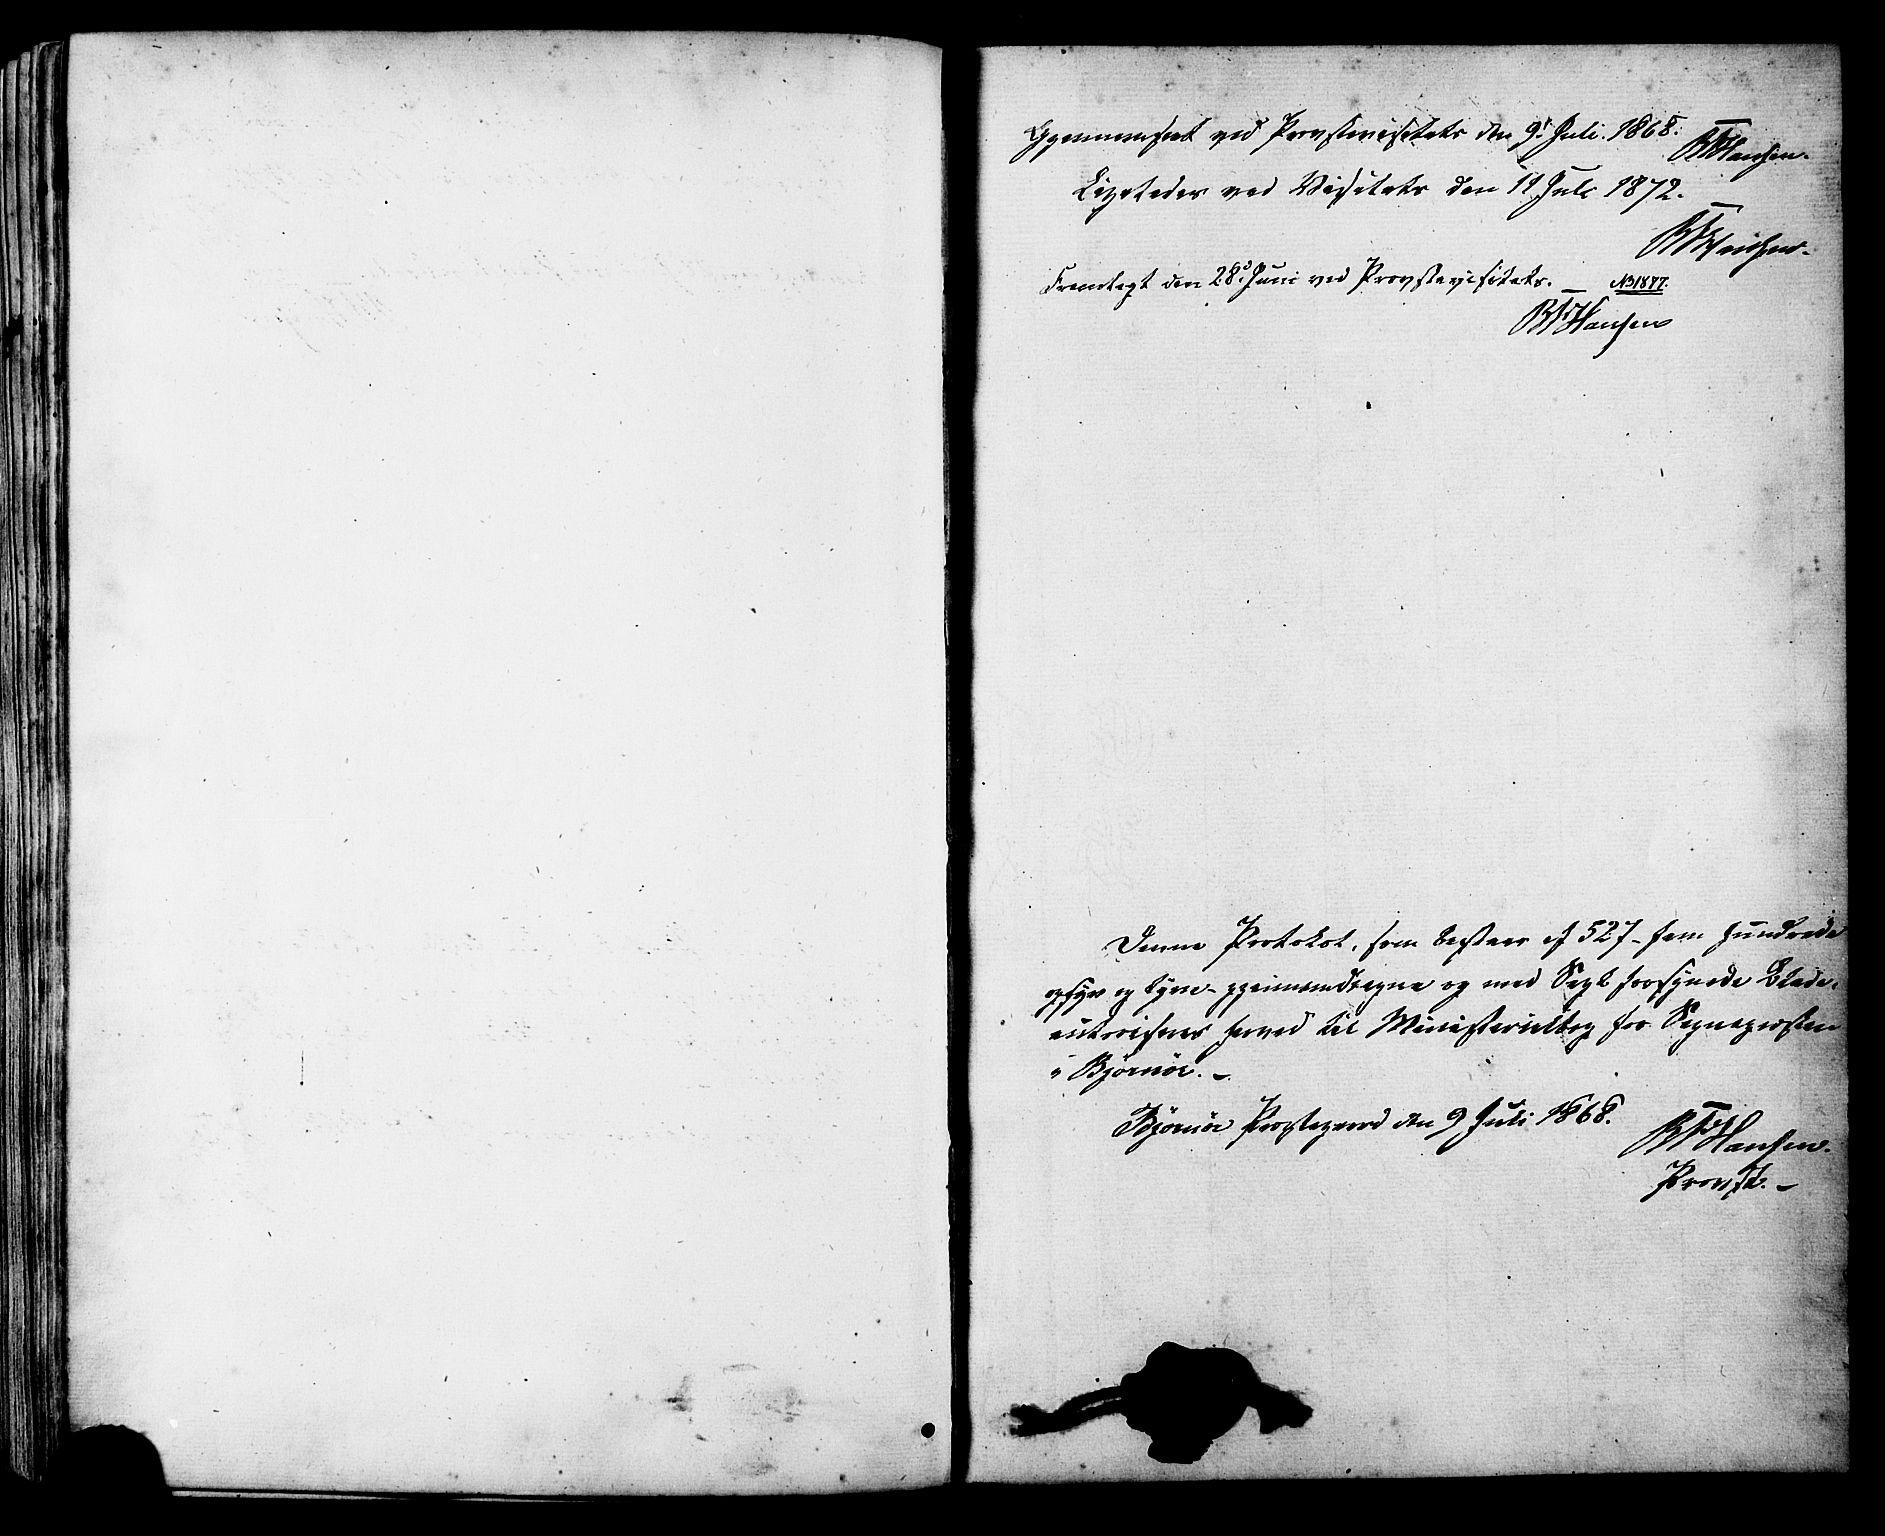 SAT, Ministerialprotokoller, klokkerbøker og fødselsregistre - Sør-Trøndelag, 657/L0706: Ministerialbok nr. 657A07, 1867-1878